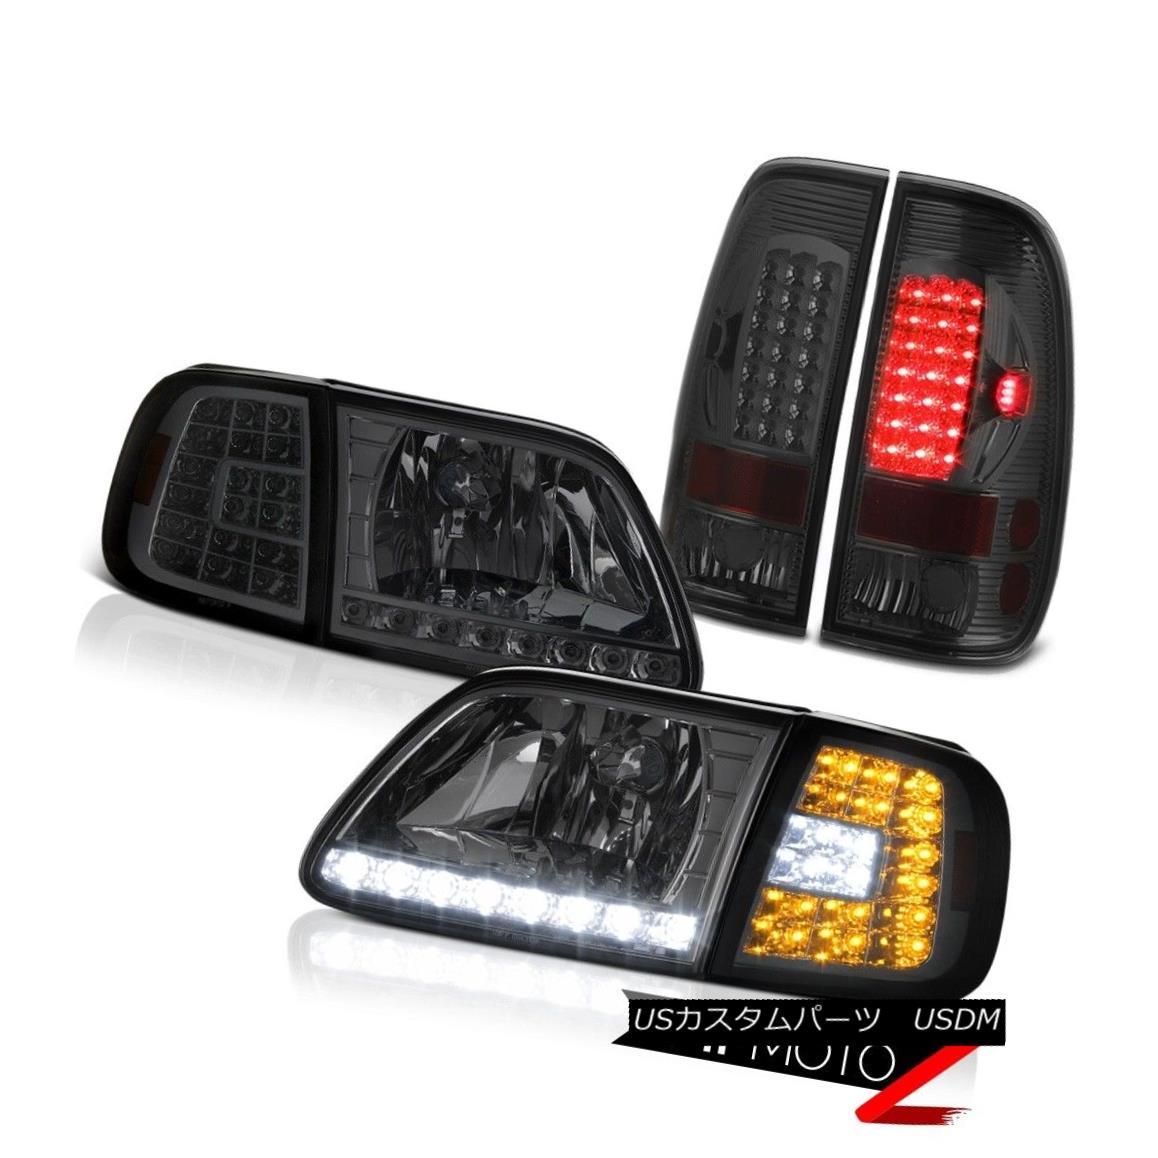 ヘッドライト 97 98 99 00 01 02 03 Ford F150 Smoke DRL Parking Headlights LED Tail Brake Lamps 97 98 99 00 01 02 03フォードF150スモークDRLパーキングヘッドライトLEDテールブレーキランプ